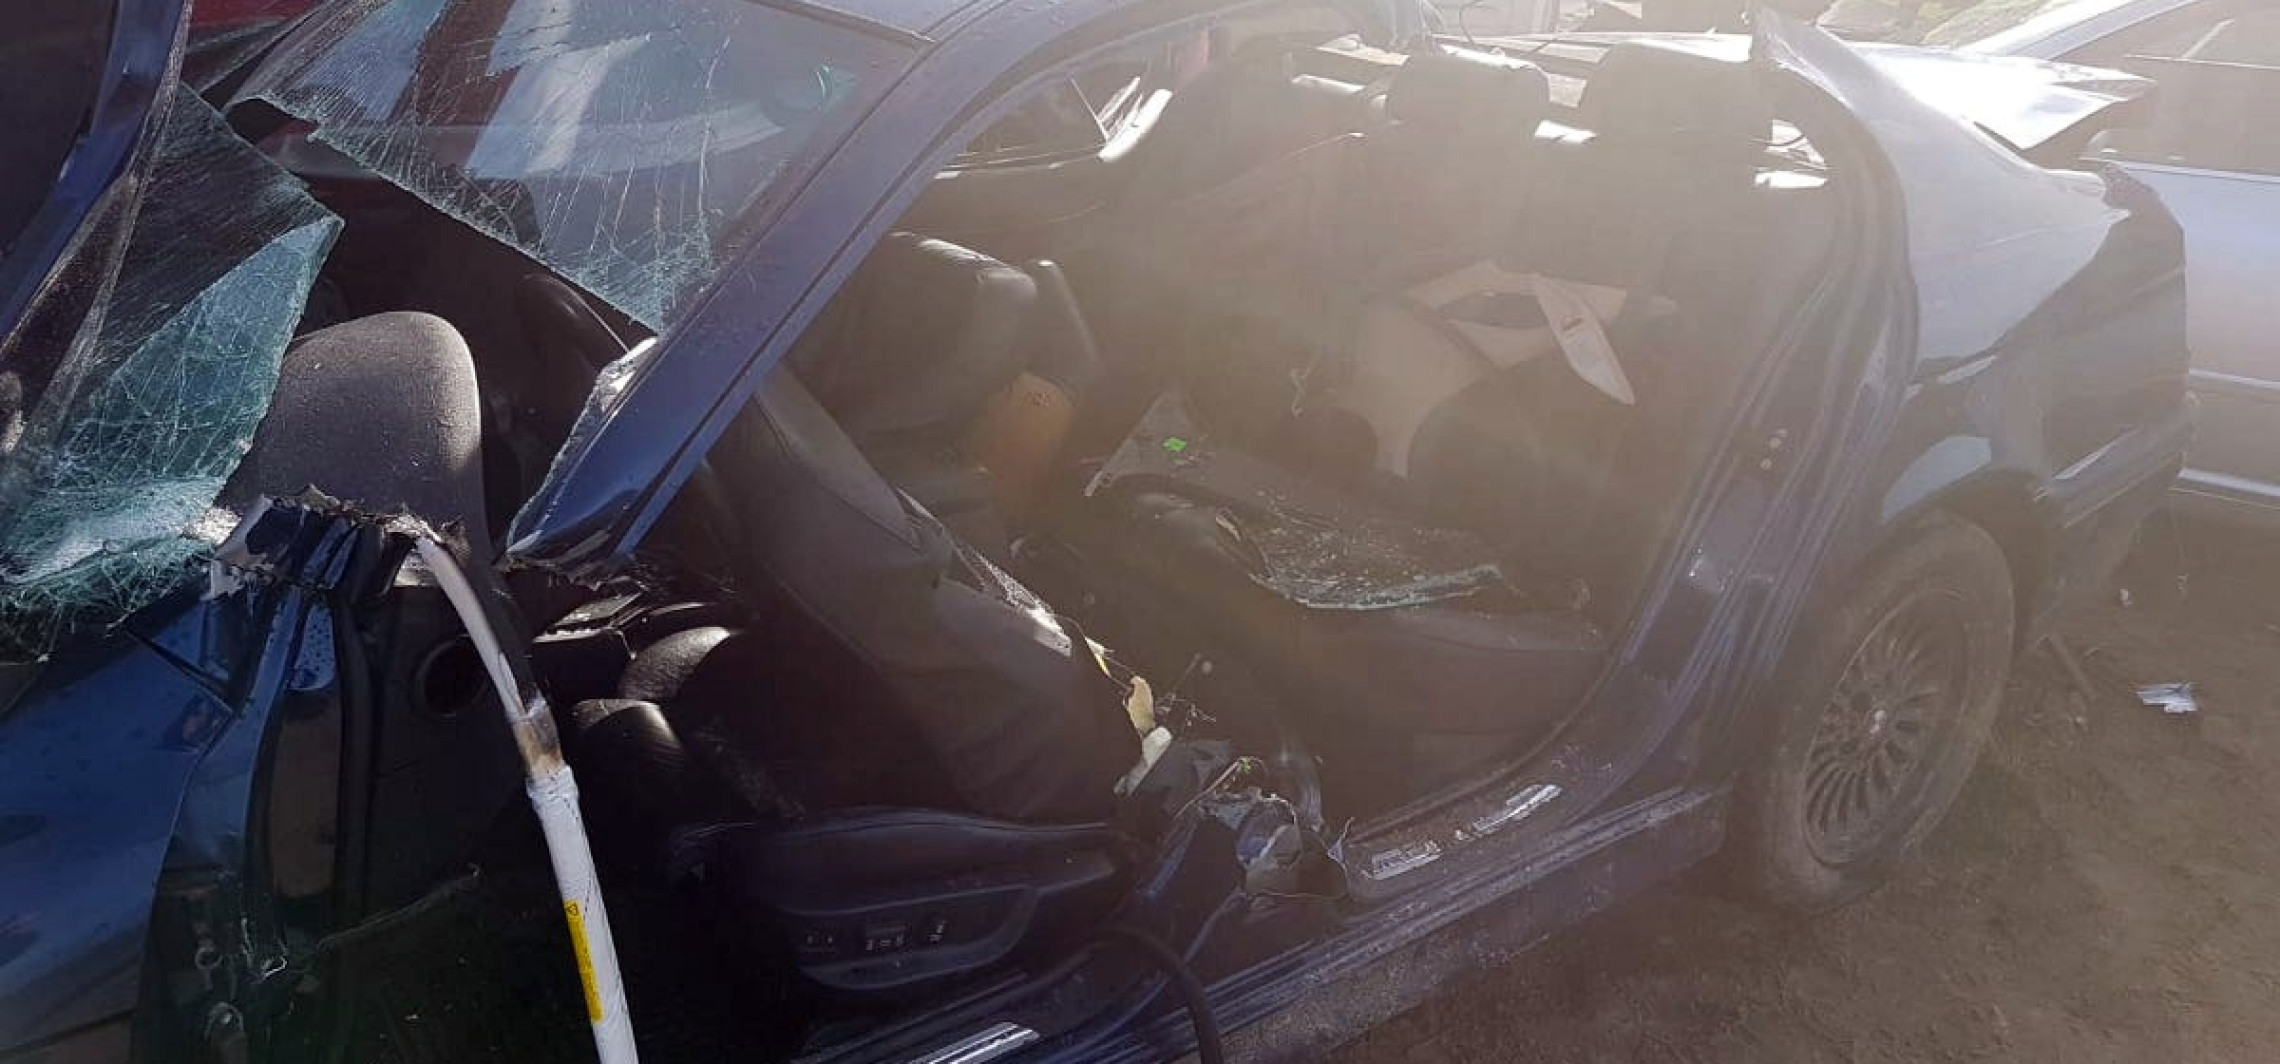 Region - Staranował 5 aut. 33-latek z BMW nie miał prawka